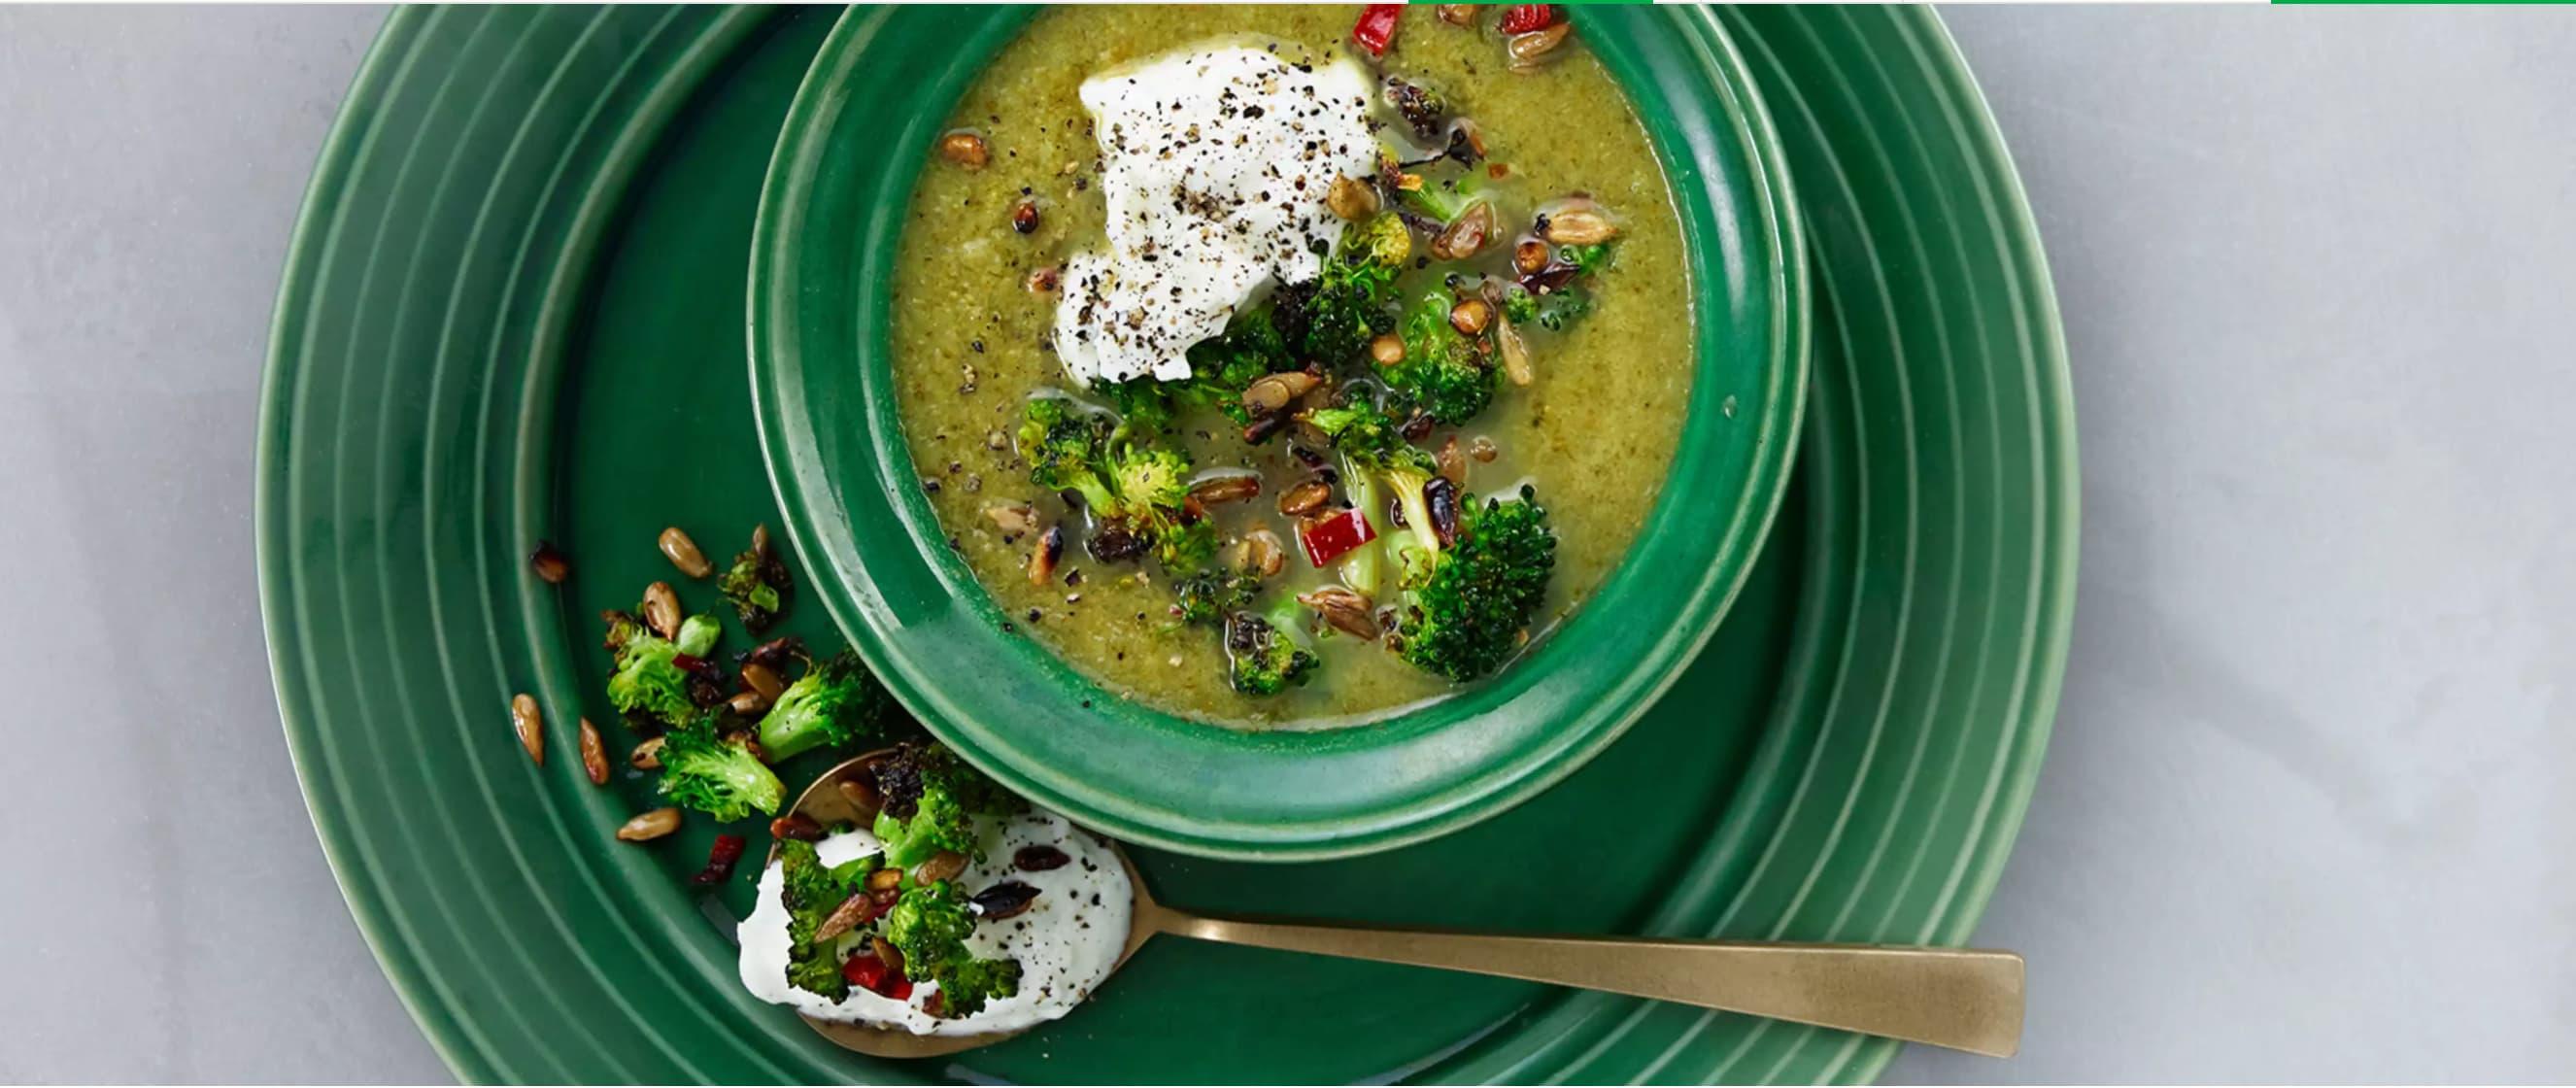 Brokkolisuppe med løk-krem og pannestekt brokkoli er en ordentlig vitamin-innsprøytning.